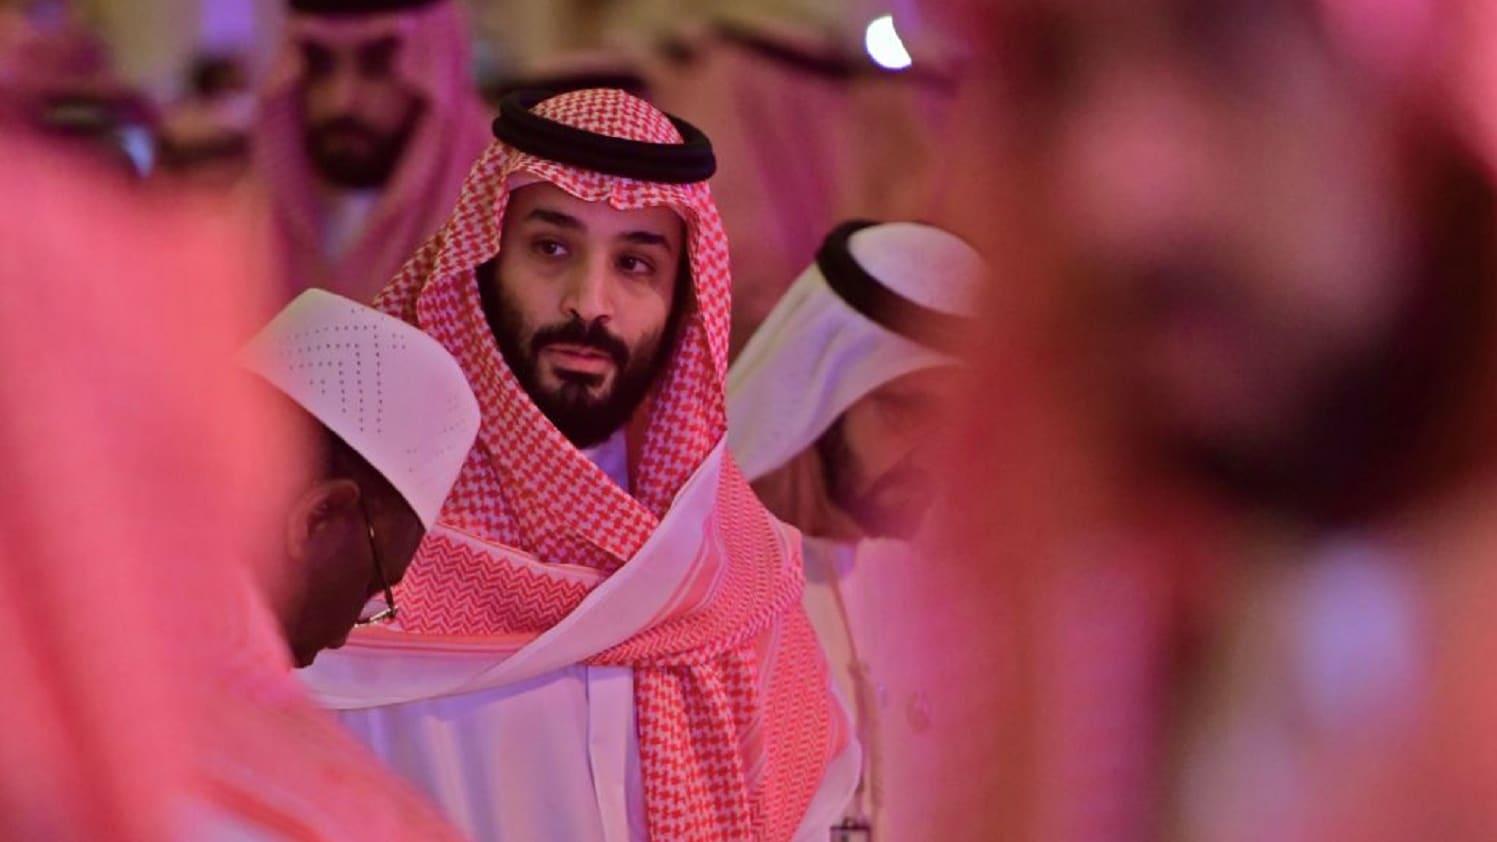 محمد بن سلمان يلتقط صور سيلفي مع حضور بمؤتمر قمة الاستثمار